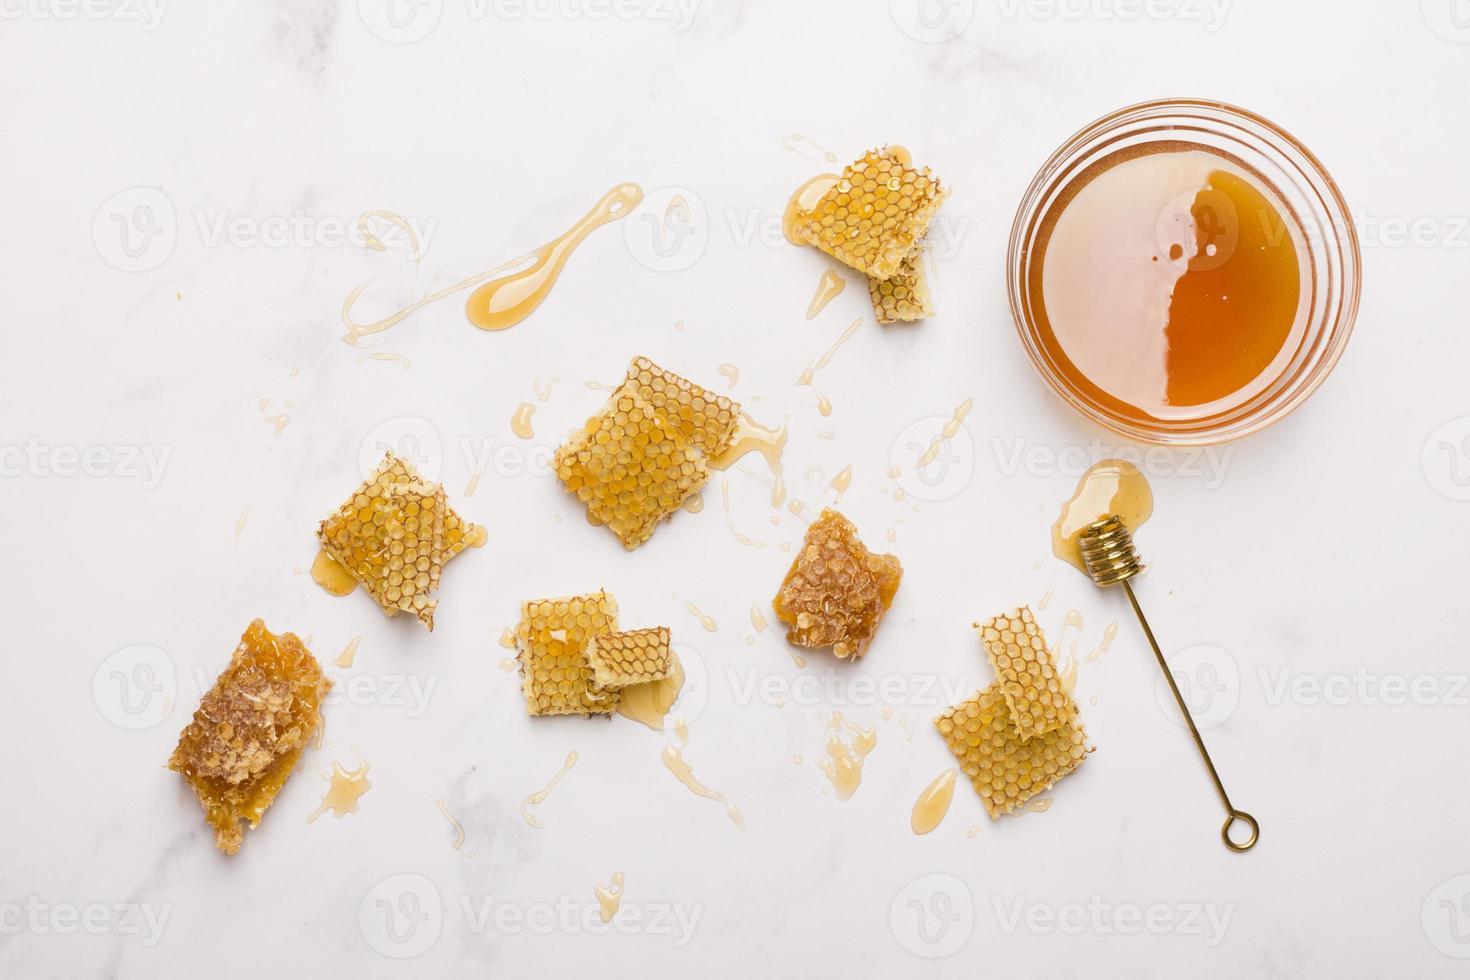 glazen pot vol honing met honinglepel op witte achtergrond foto